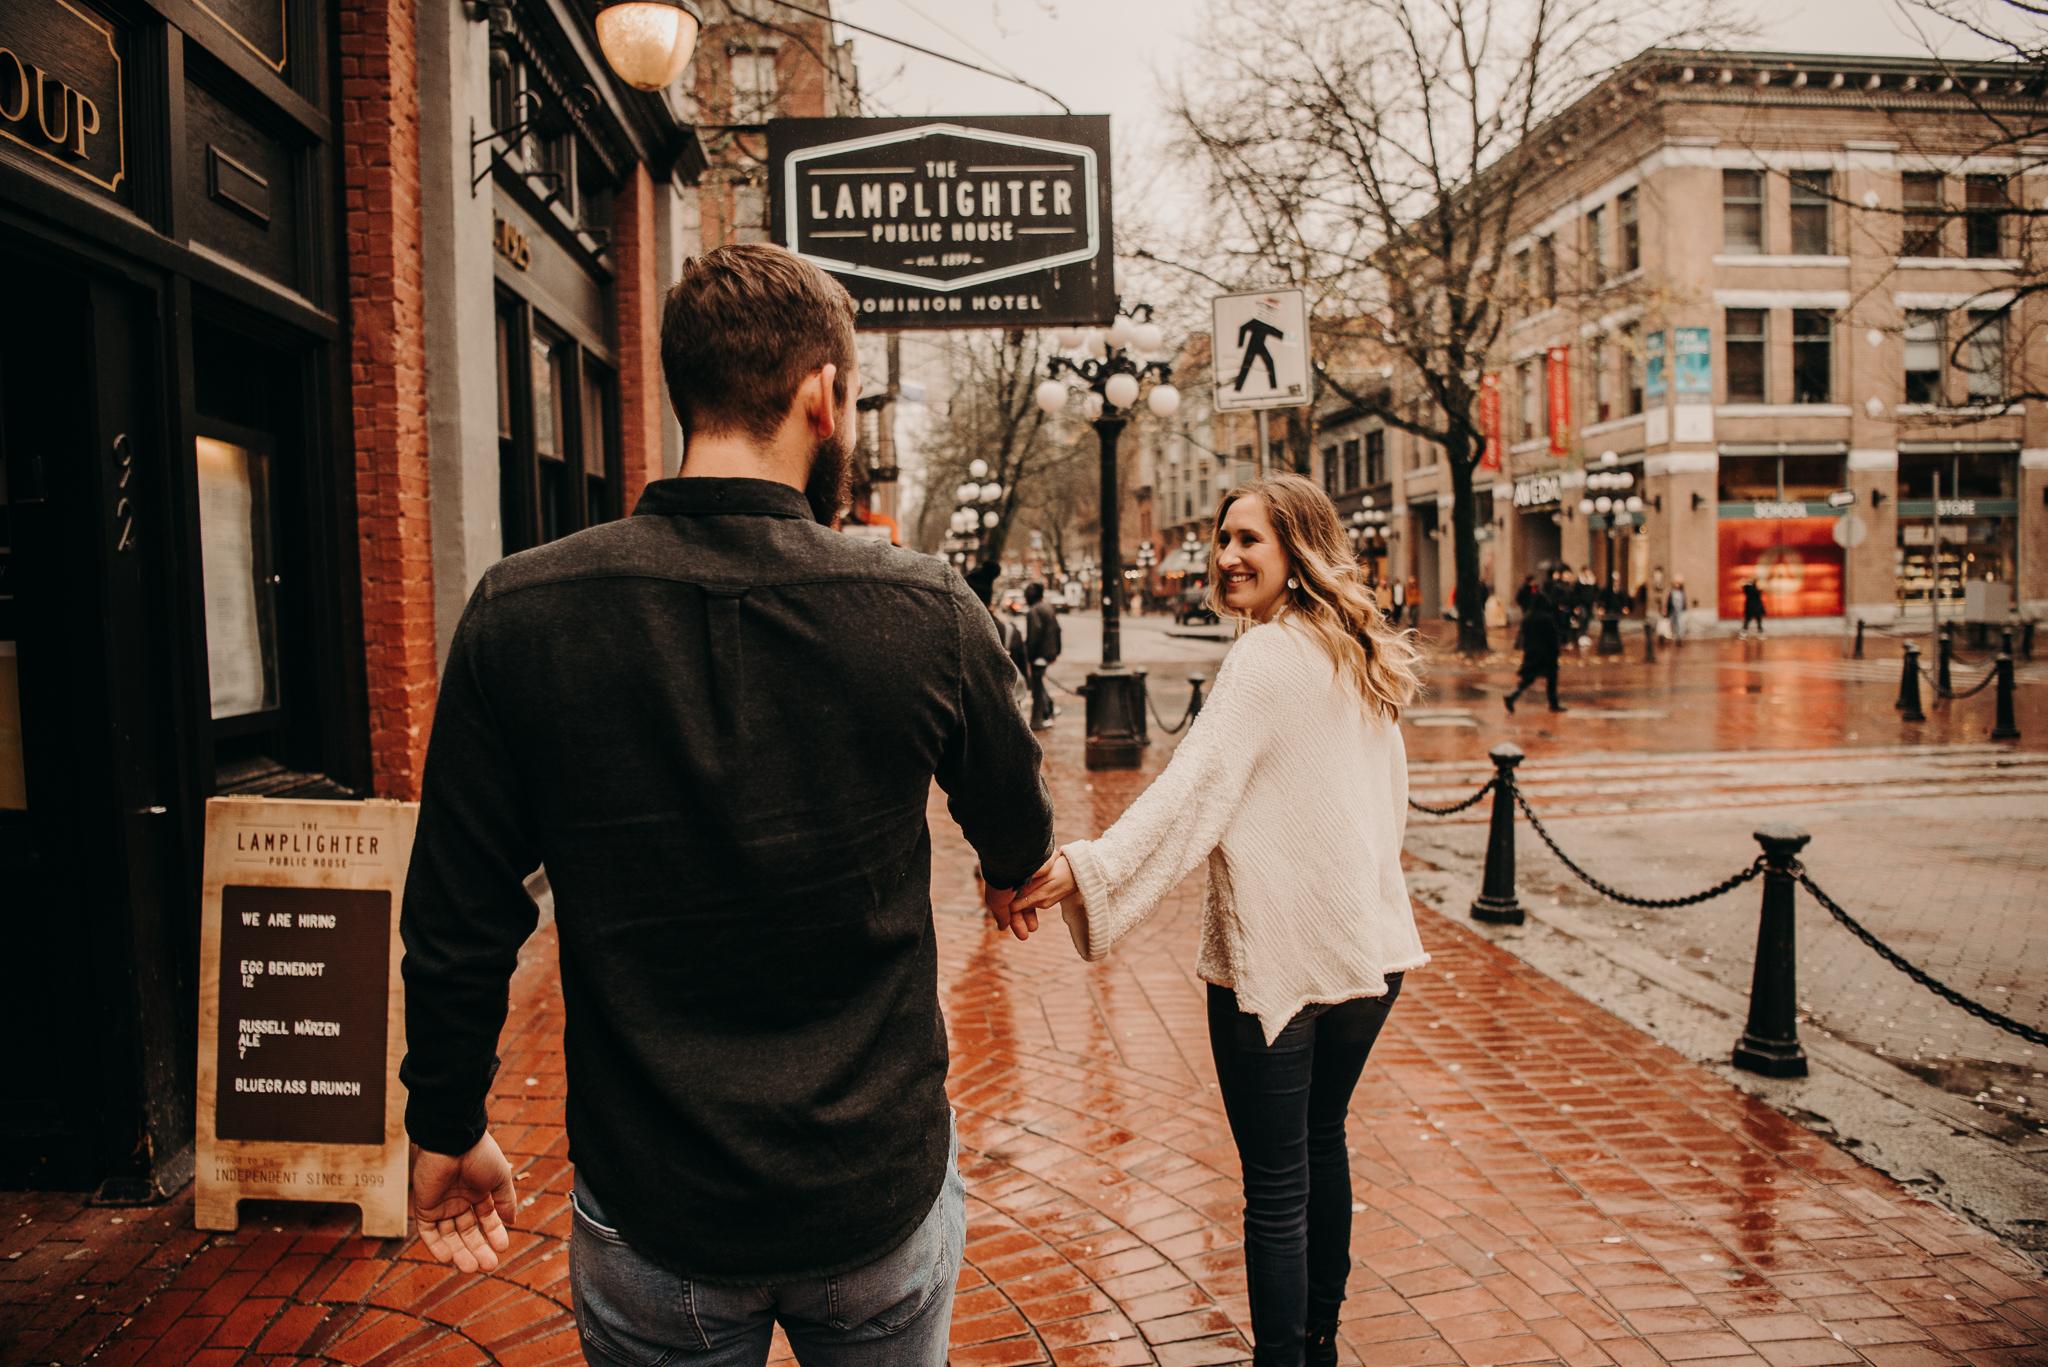 Amanda & Eric Gastown Vancouver Engagement Session - Laura Olson Photography - Sunshine Coast BC Photographer - Vancouver Photographer-2320.jpg